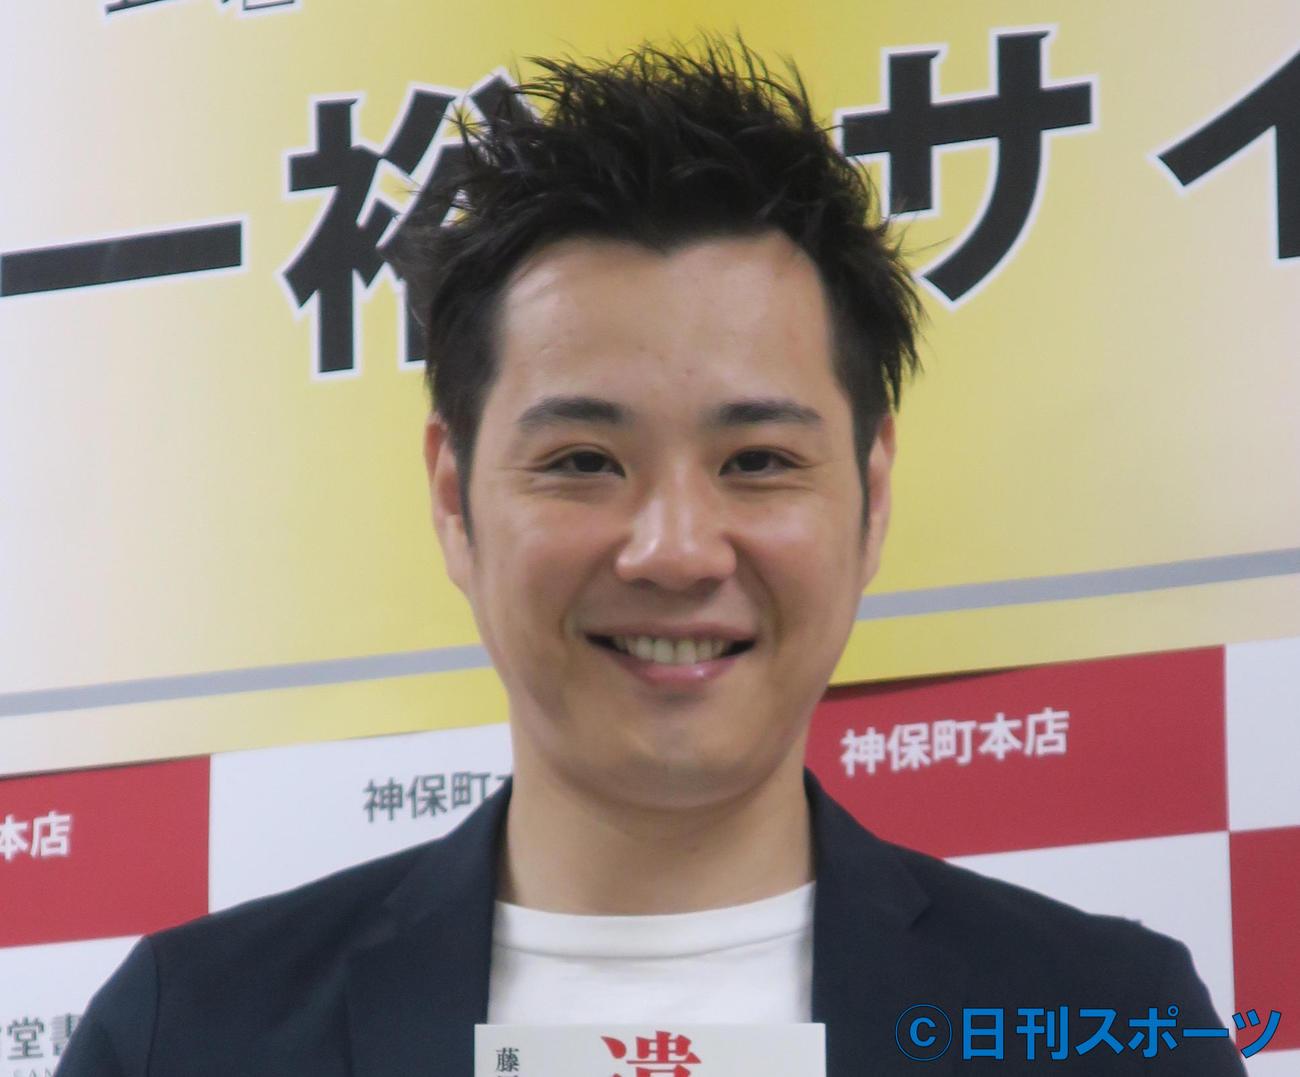 ライセンス藤原一裕(2017年9月17日撮影)